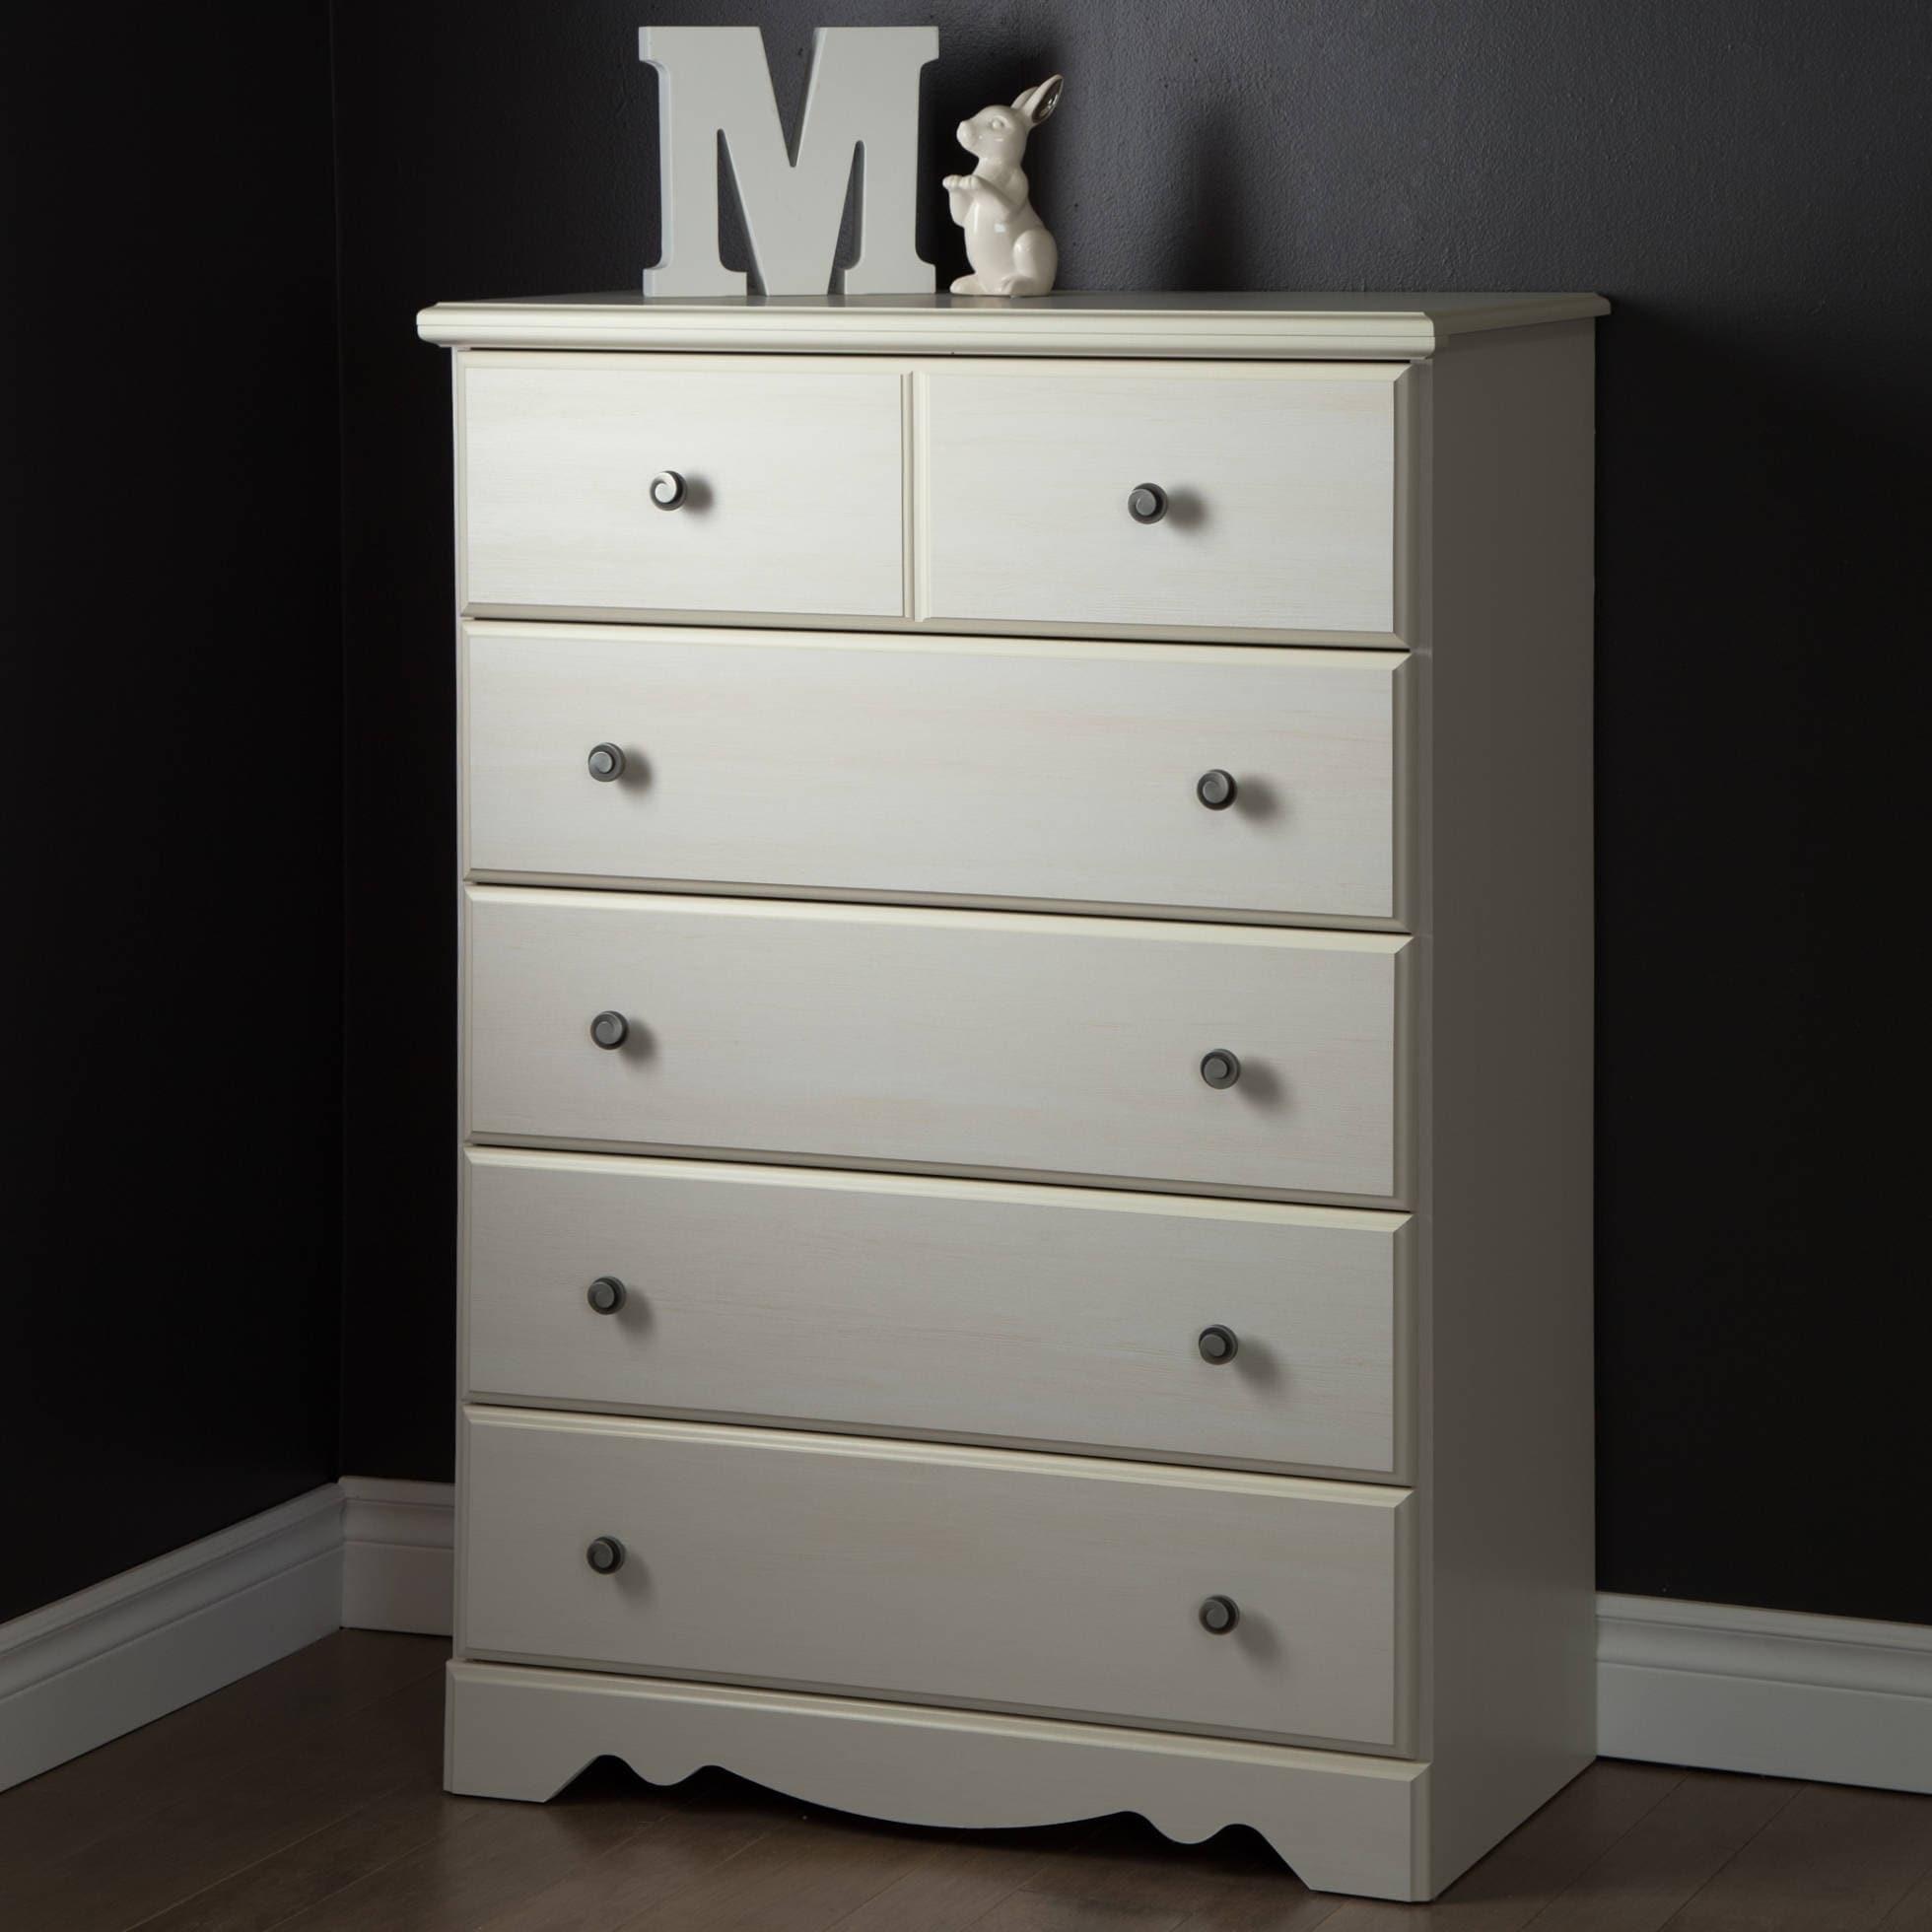 1395a4c9b79a Chest Dresser 5 Drawer Furniture White Nursery Kids Room Storage ...